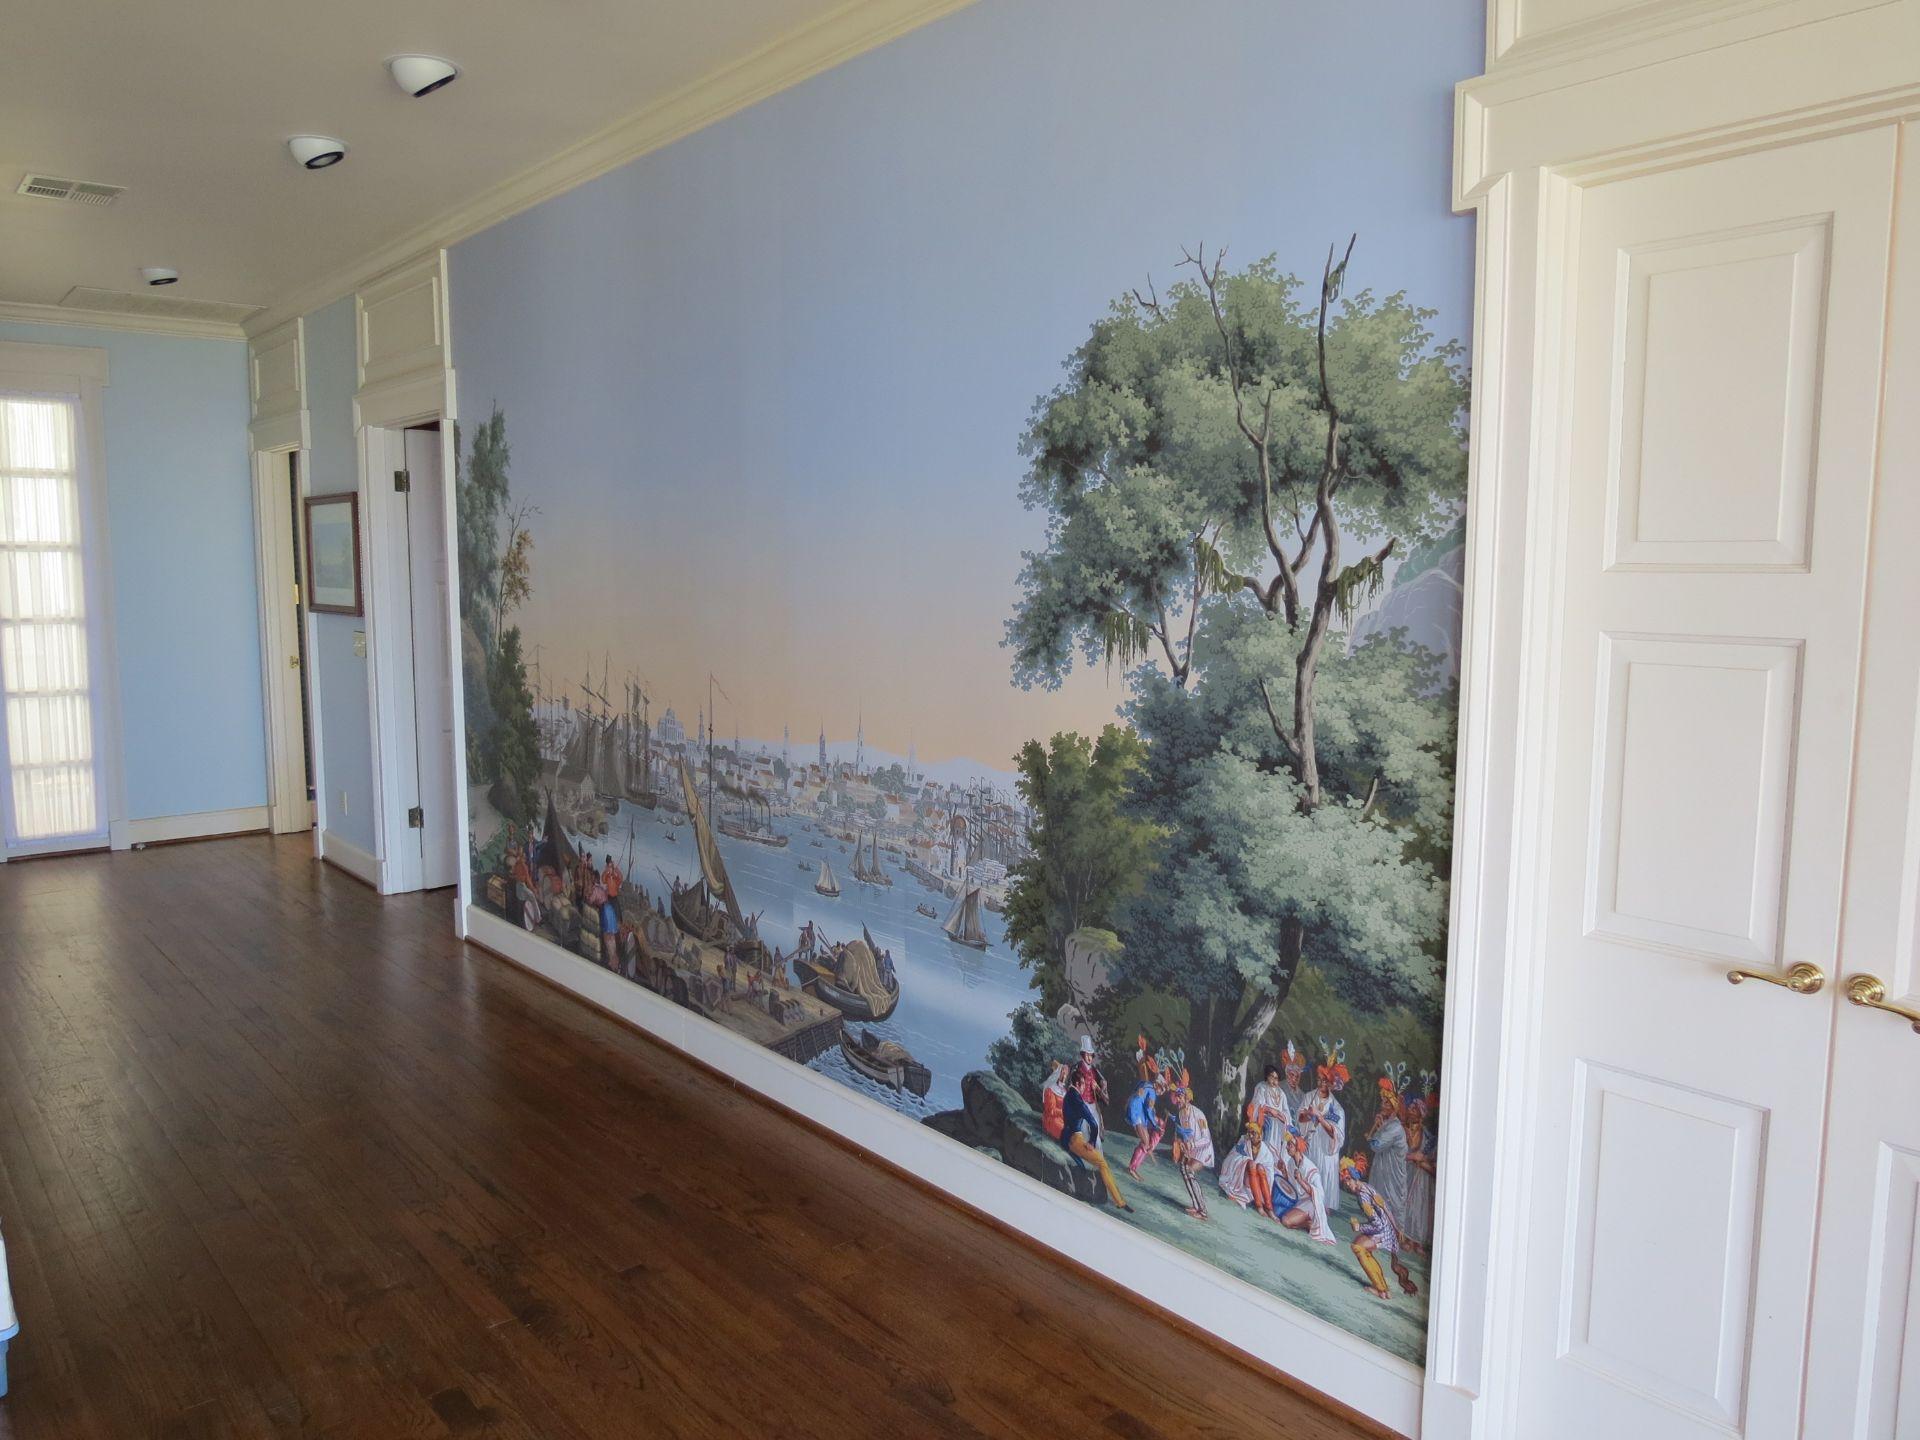 Lot 3 - Toledo Bend Lake House